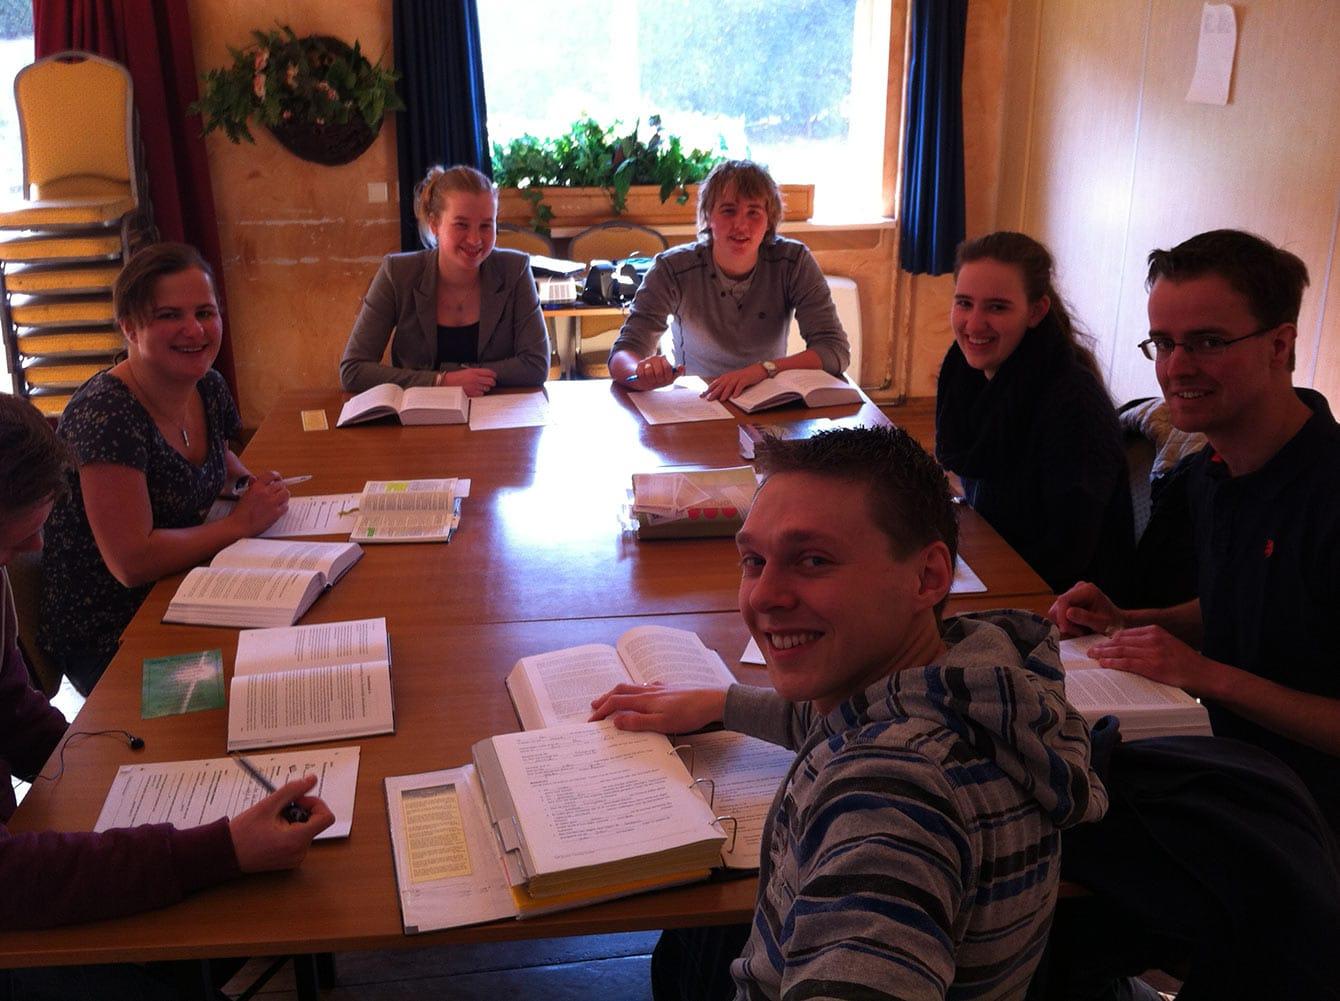 Bijbelschool Foundation 4 Life – 16 jaar